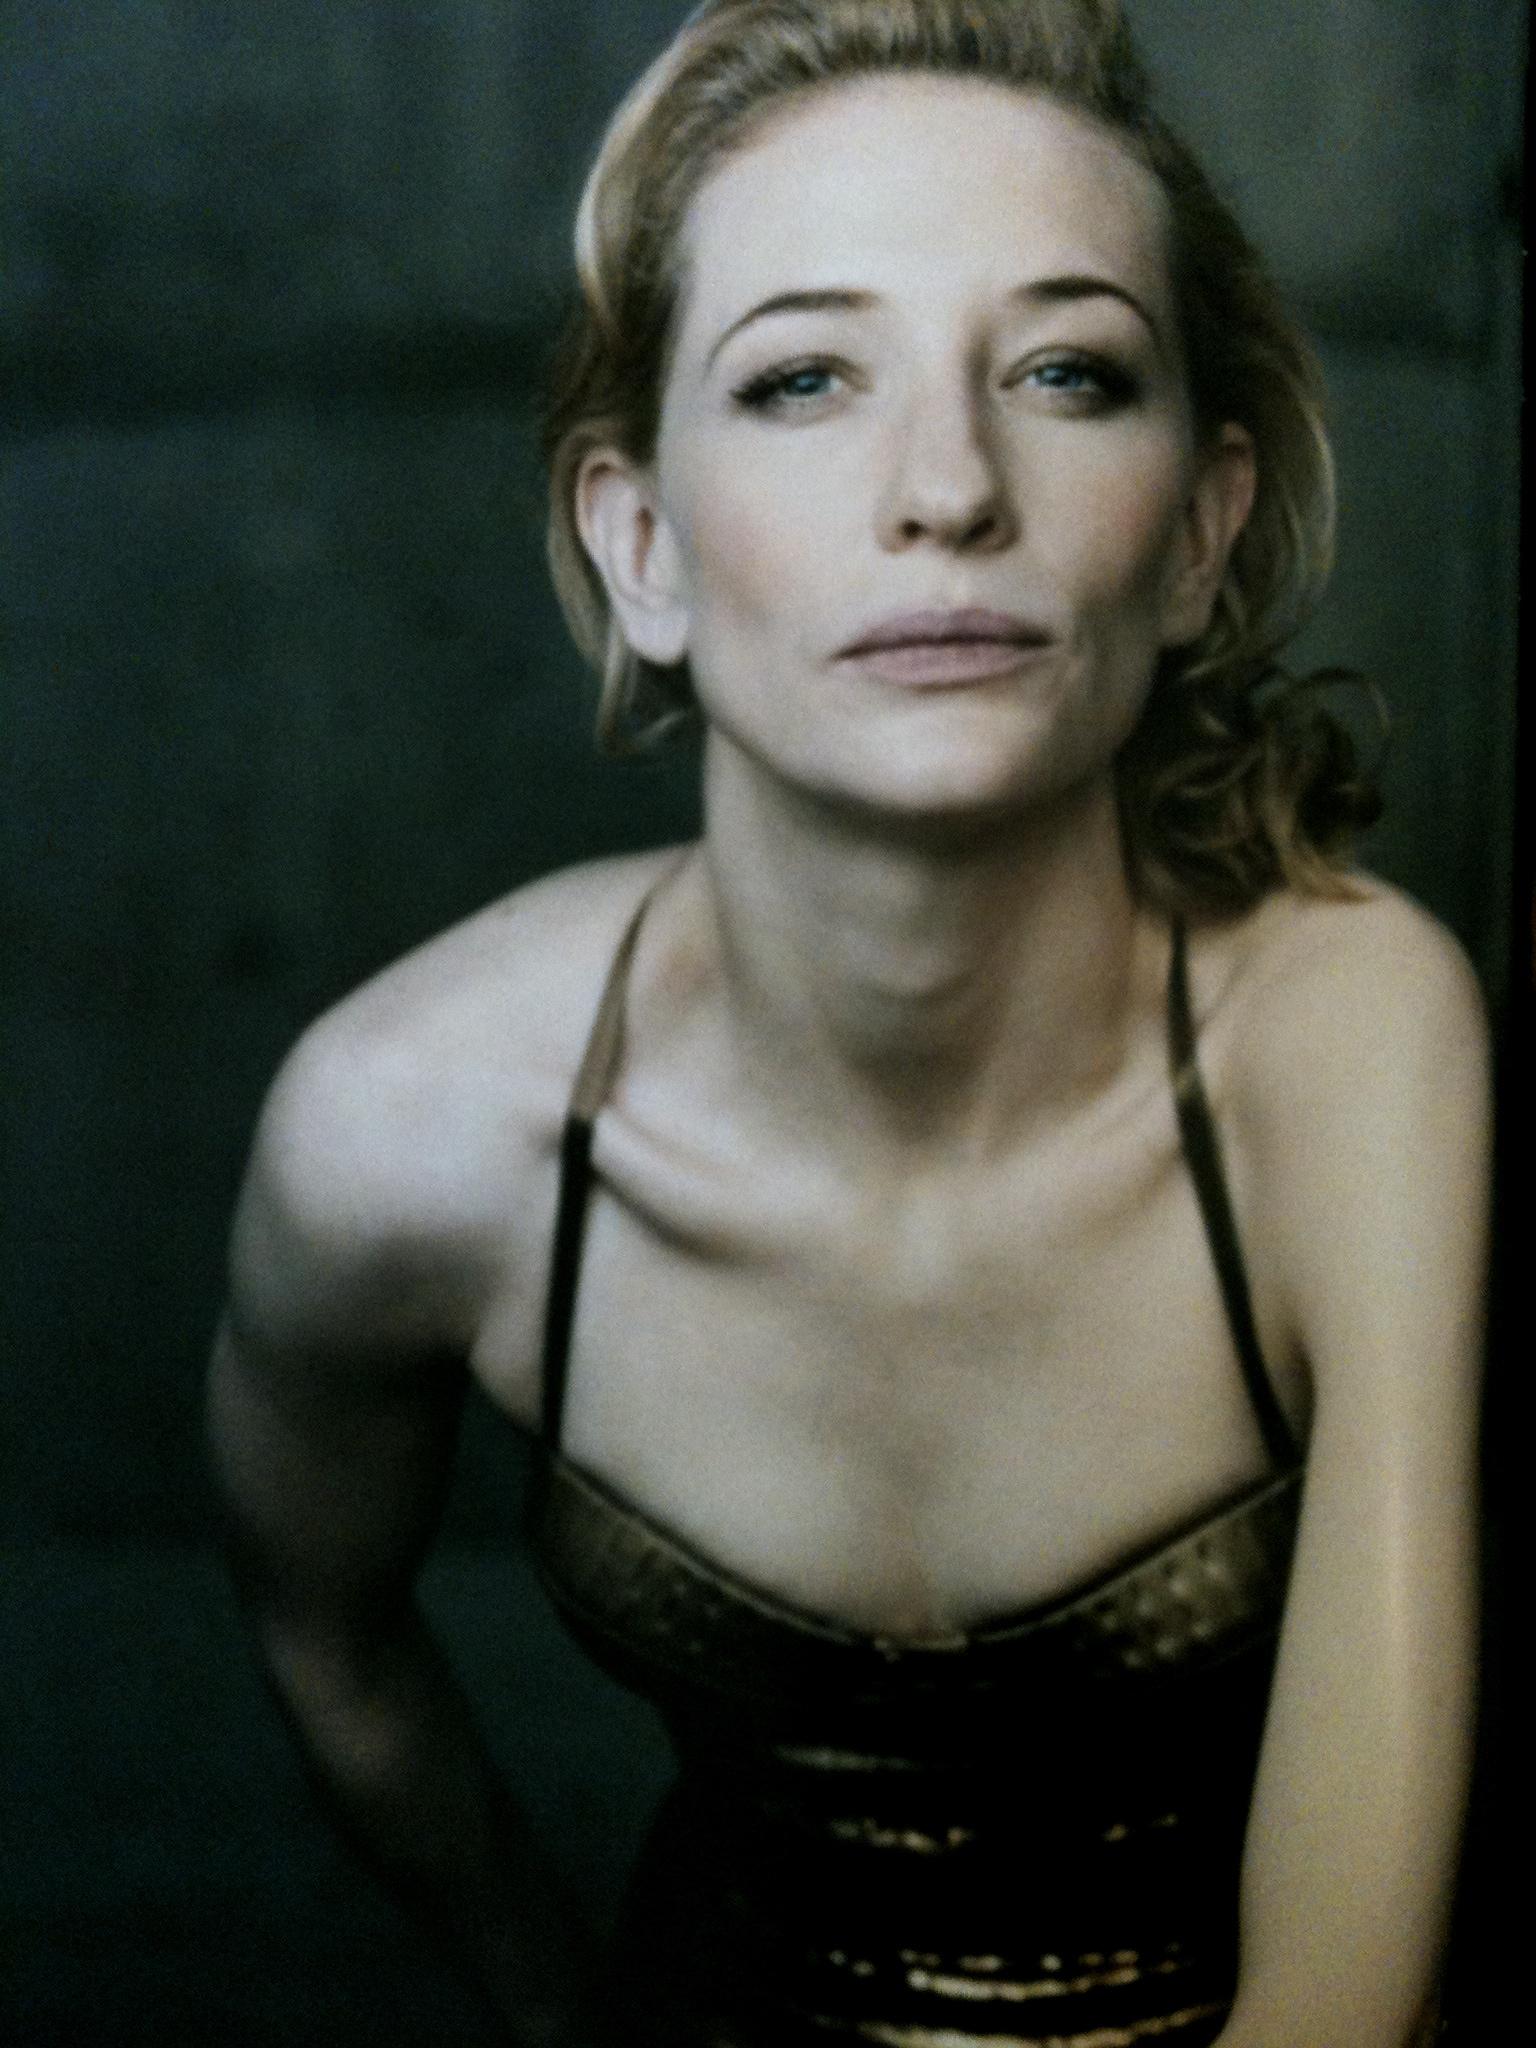 Annie Leibovitz | I.dotter Cate Blanchett